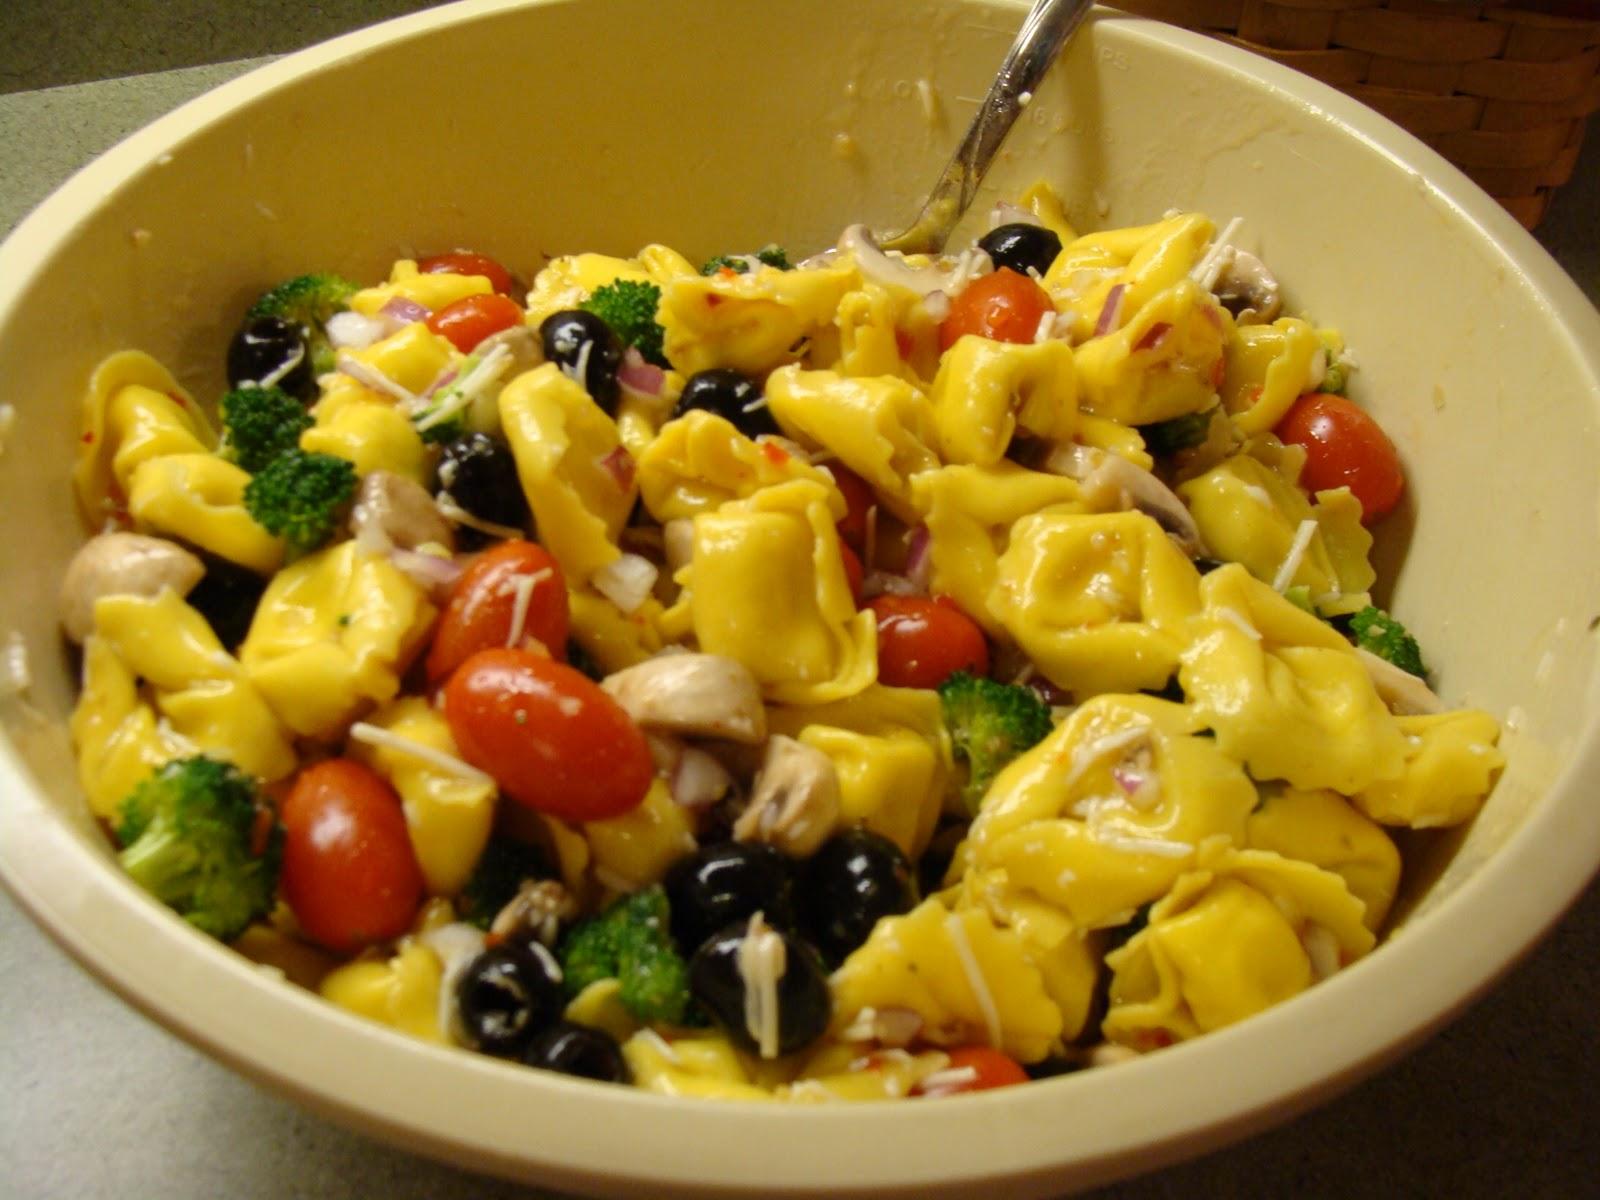 Kristi's Recipe Box: Tortellini Salad